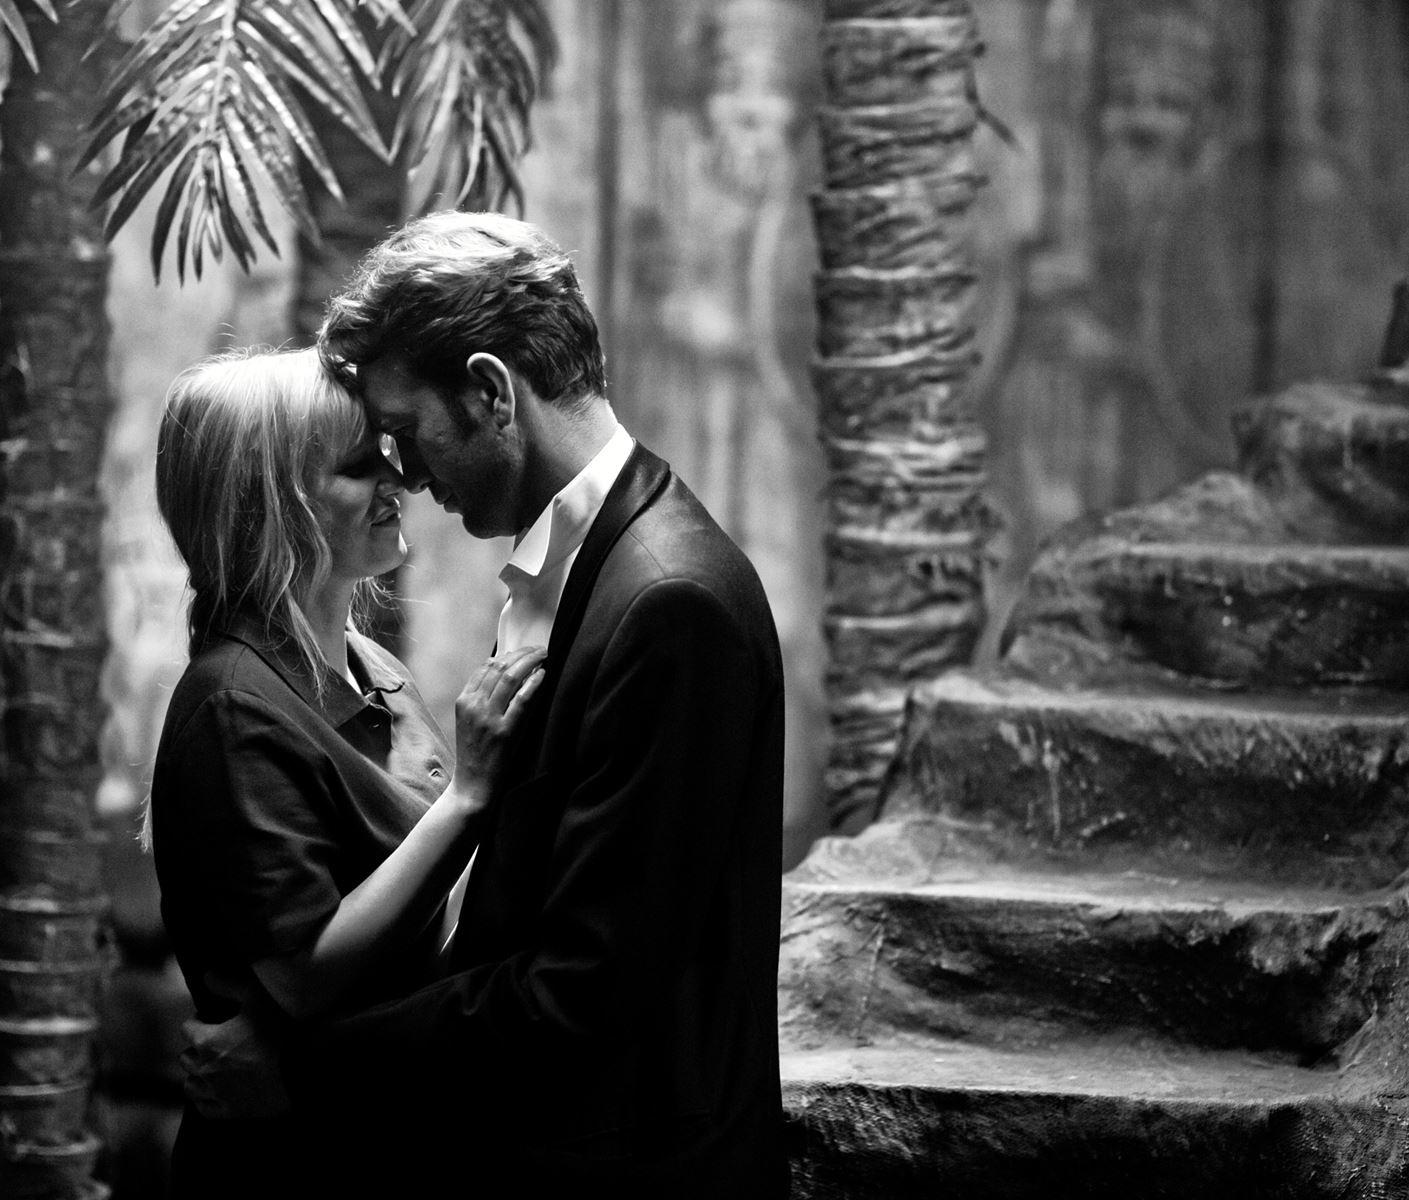 """En umulig kærlighedshistorie oplevet over 15 år. Sådan er """"Cold War"""""""